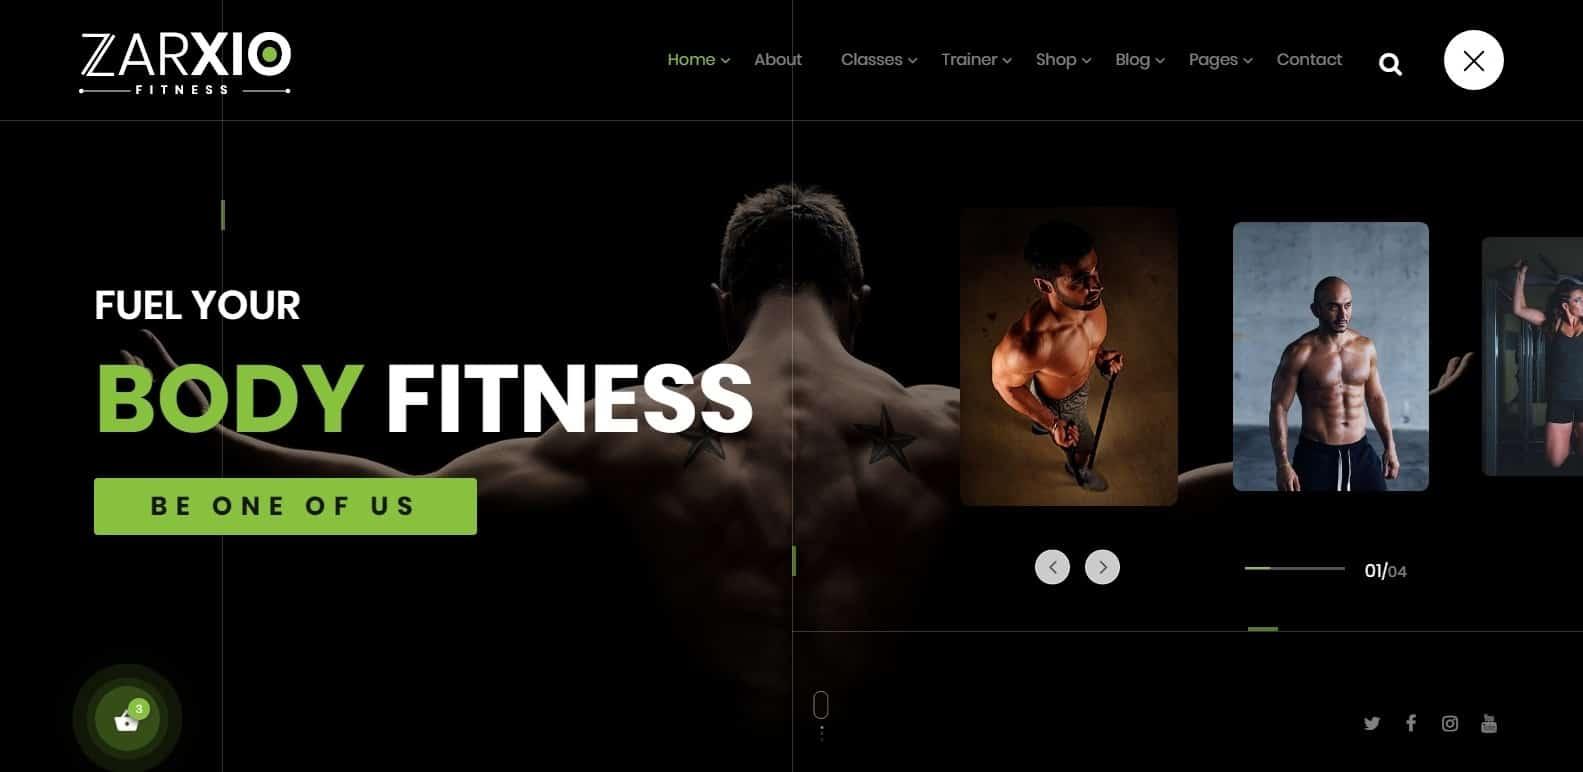 zarxia-gym-website-template